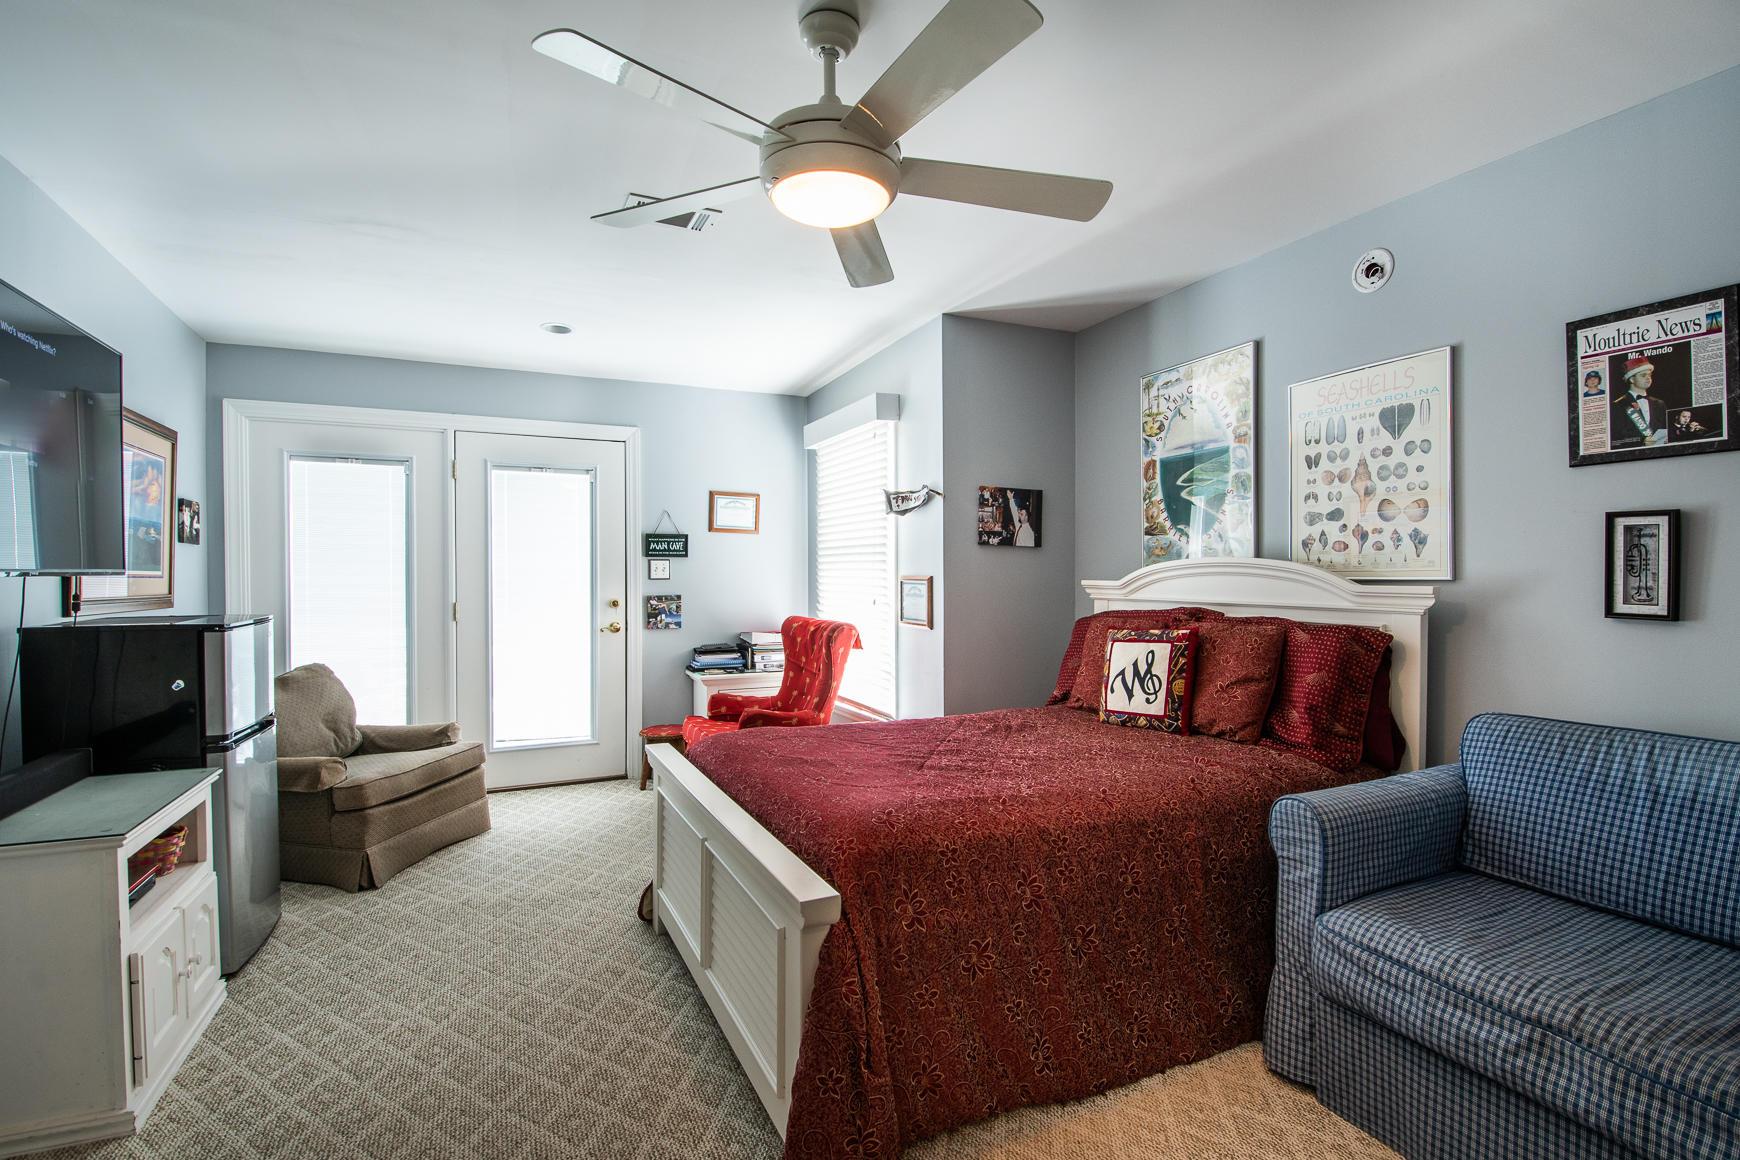 Copahee View Homes For Sale - 1464 Lieben, Mount Pleasant, SC - 0